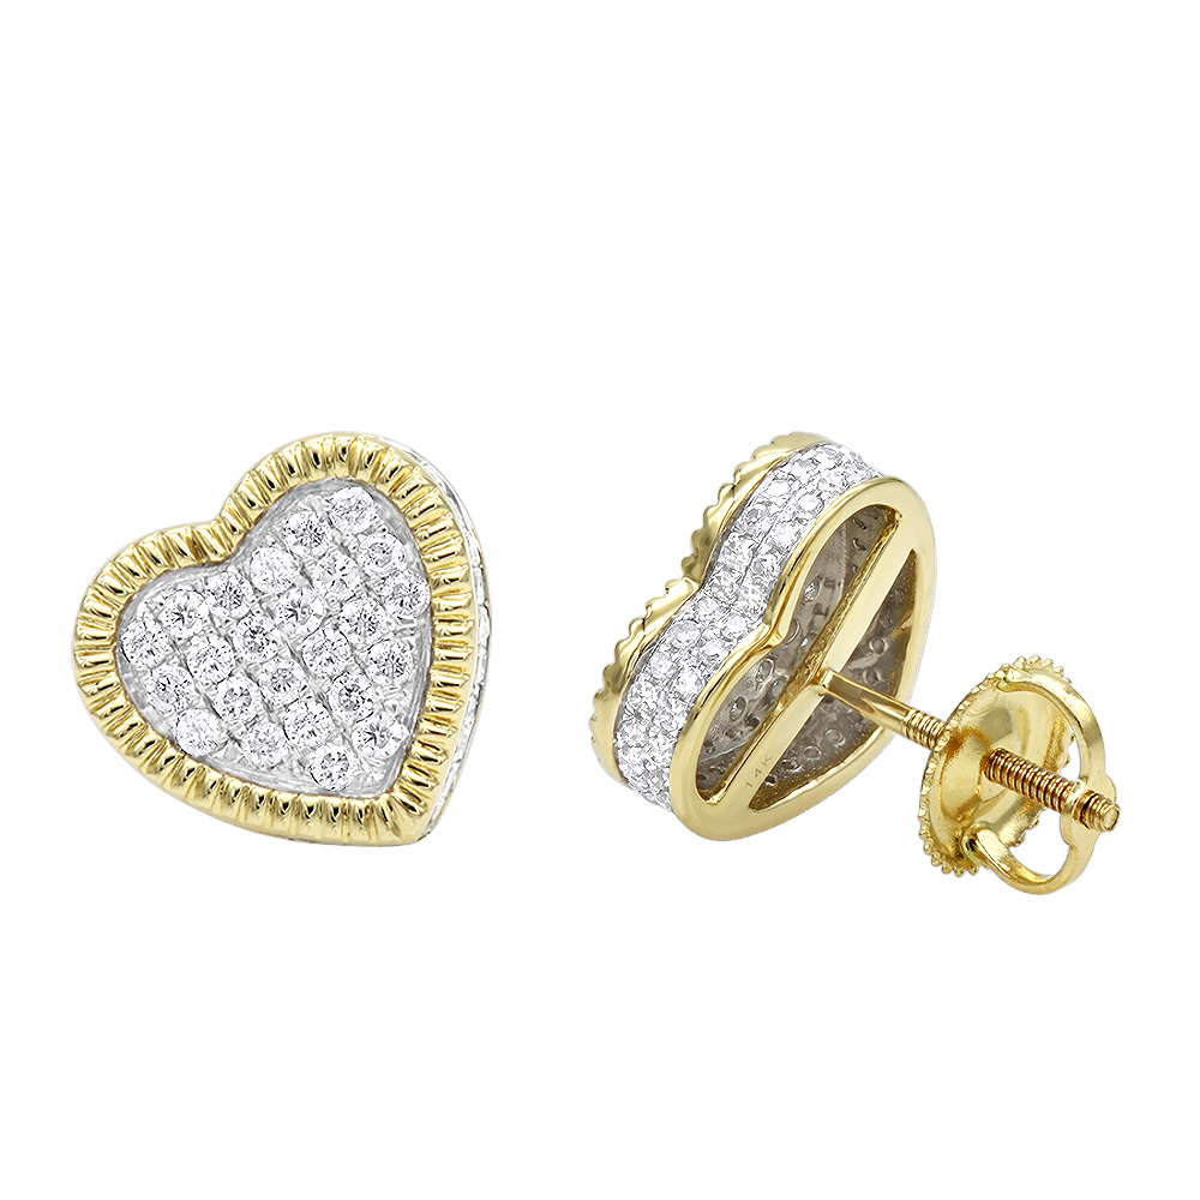 Solid 14K Gold Heart Diamond Stud Earrings for Women 0.75ct by Luxurman